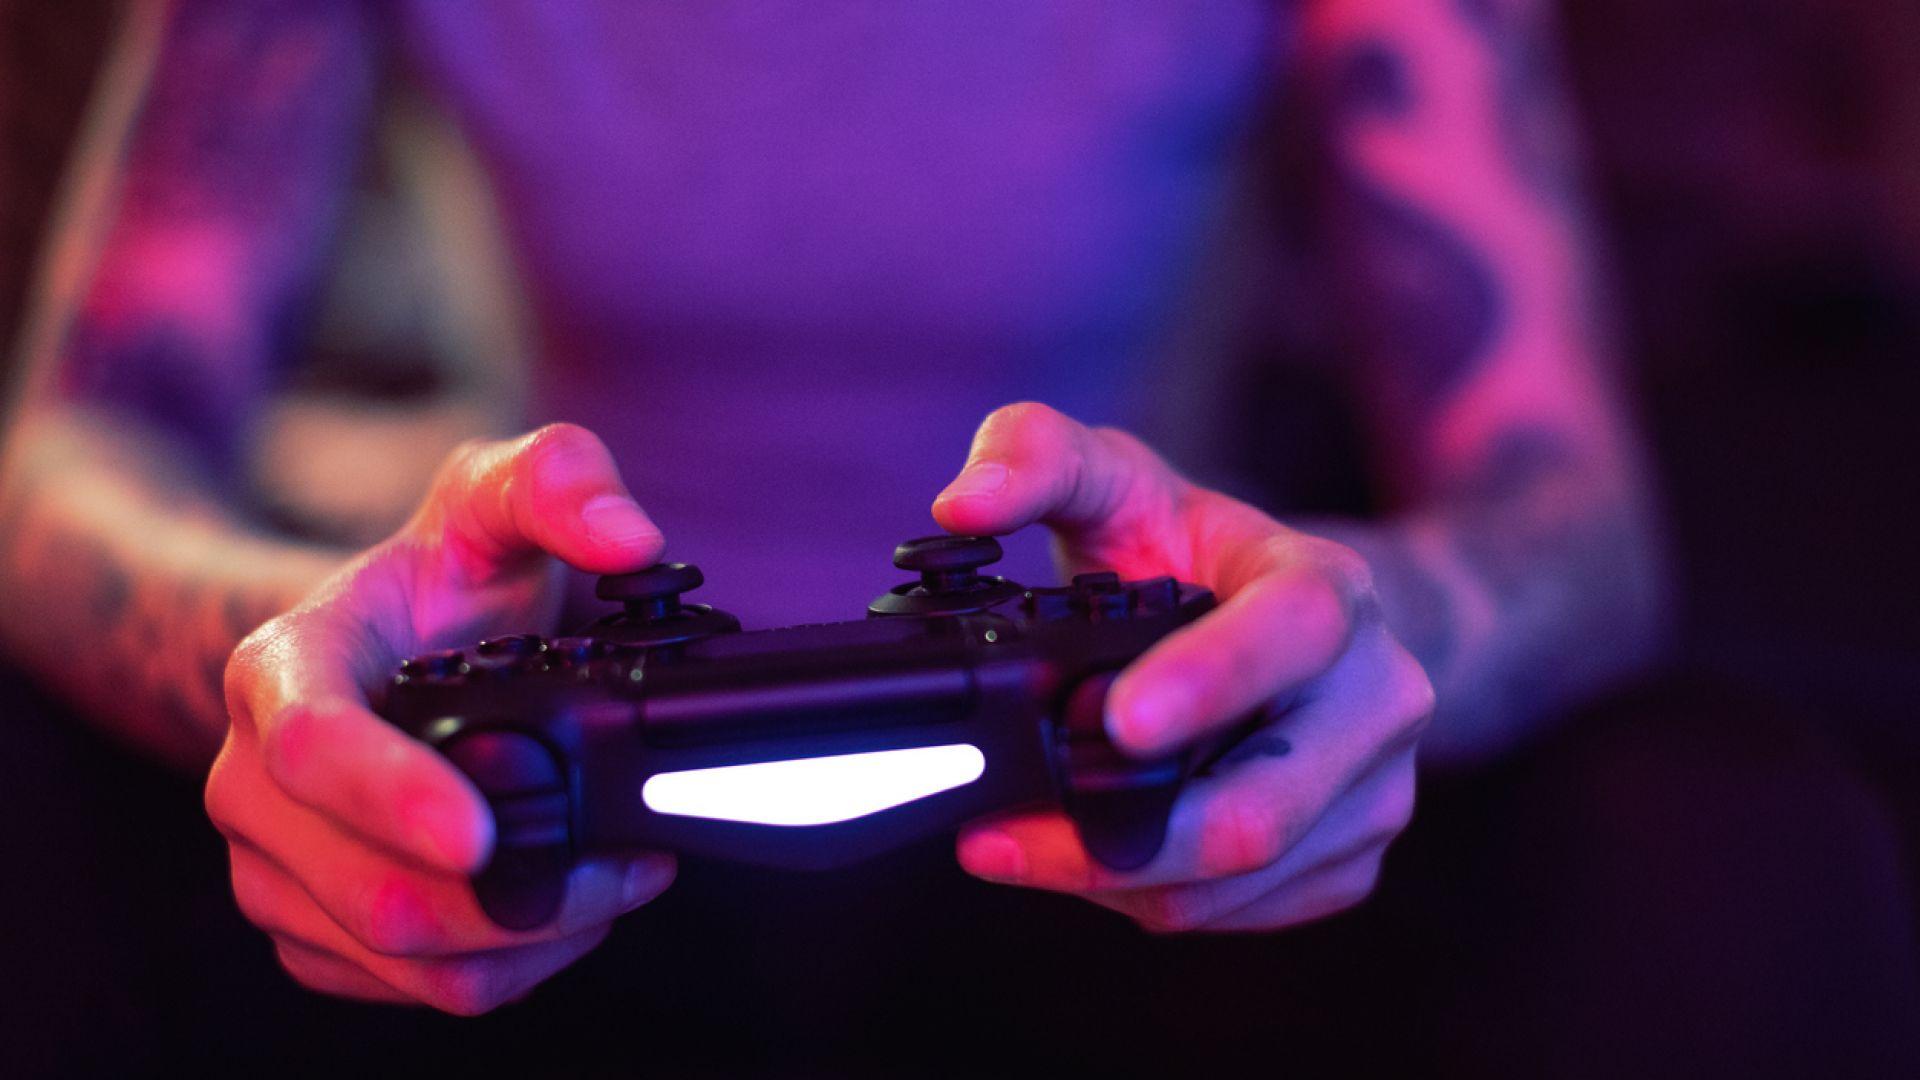 Новото поколение гейминг конзоли идва с нова съвместимост